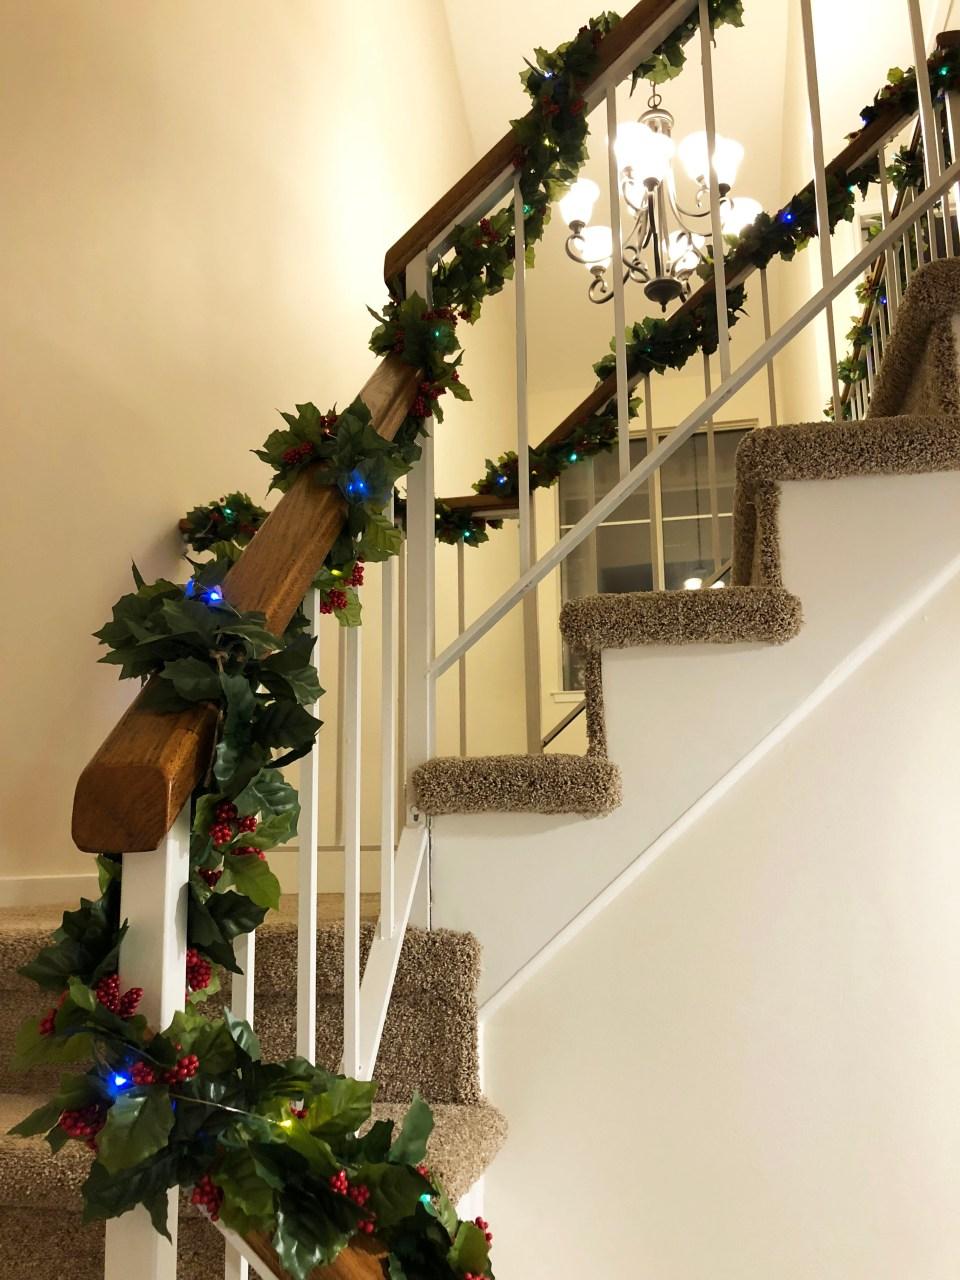 Christmas Garland + Lights